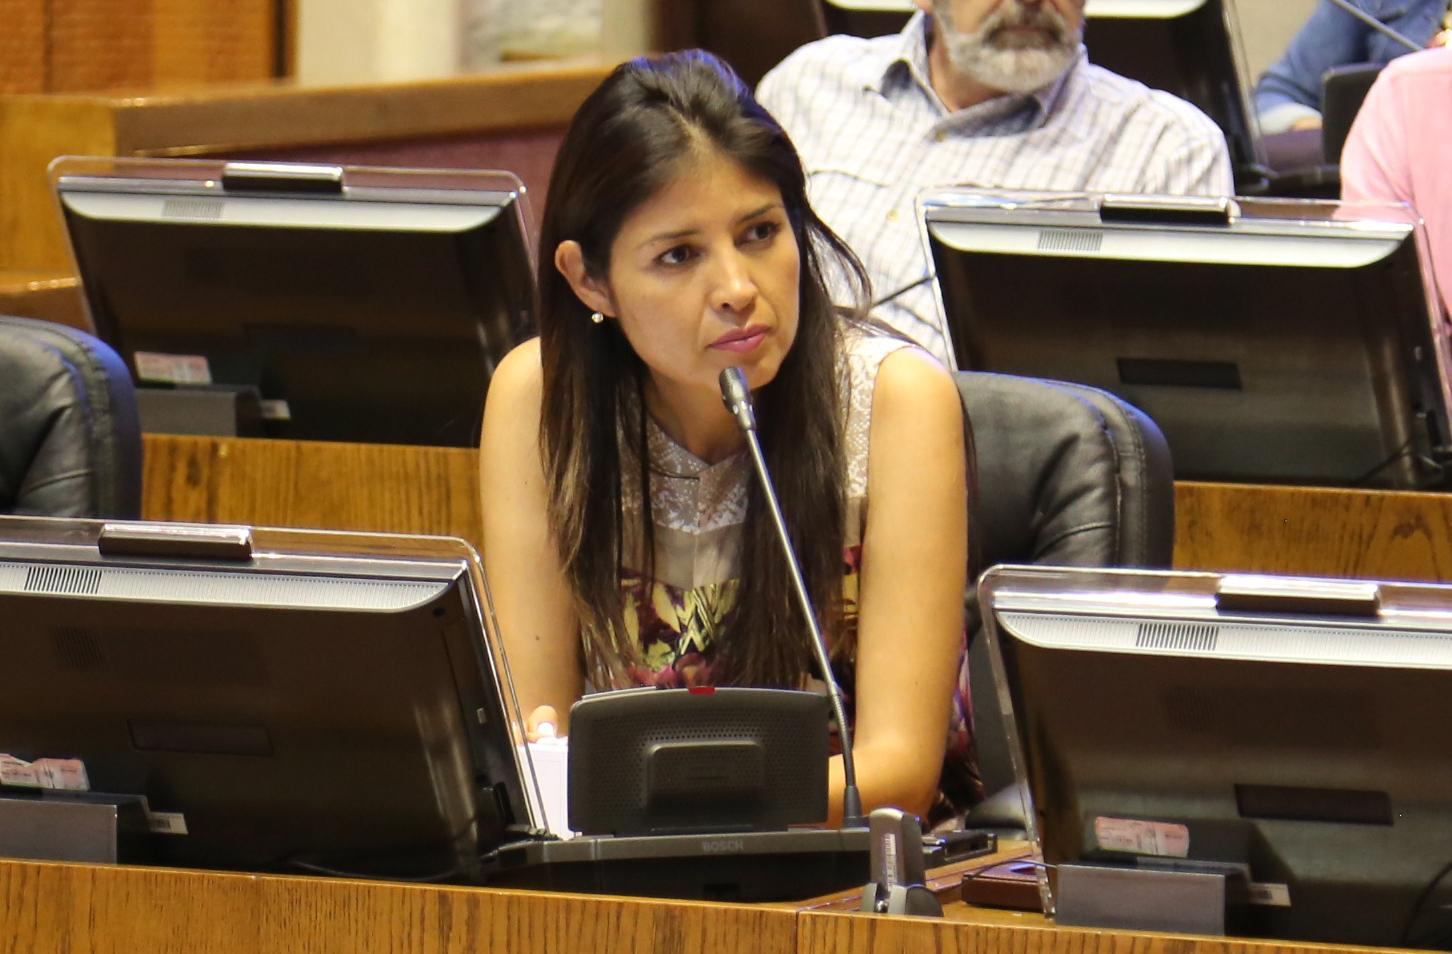 alcaldesa-valora-presentacion-de-proyecto-de-ley-de-migraciones-y-llama-a-parlamentarios-a-agilizar-su-tramitacion